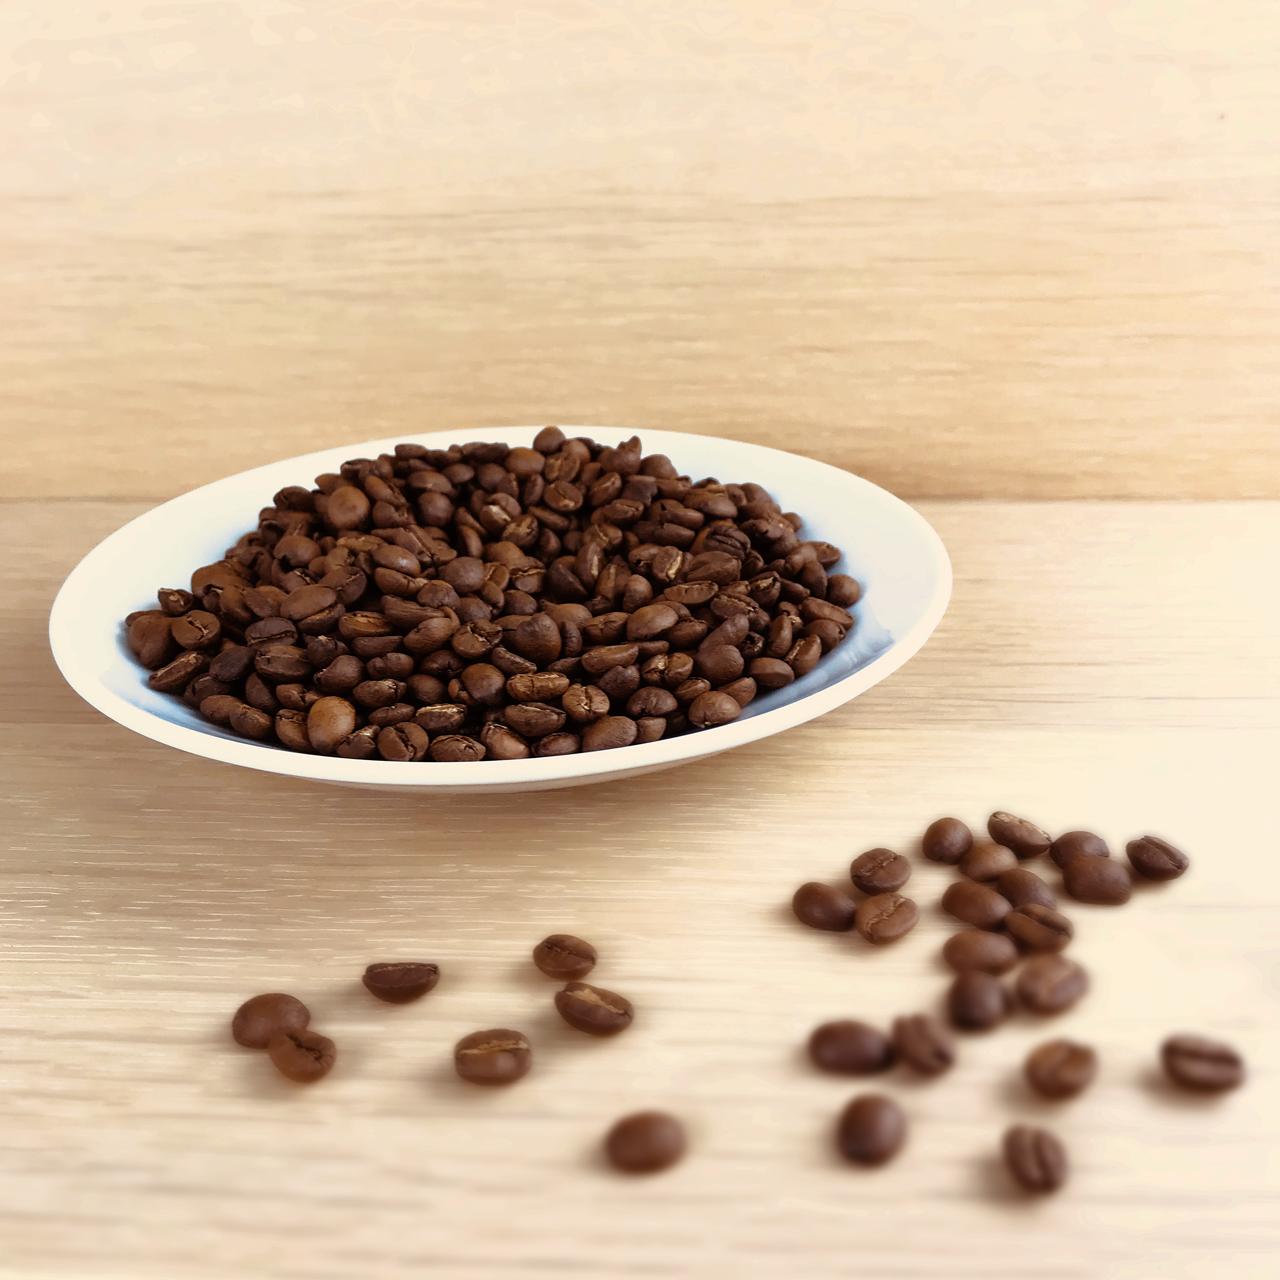 [焙煎200g]Himalayan Coffee スペシャルティコーヒー(豆・粉)